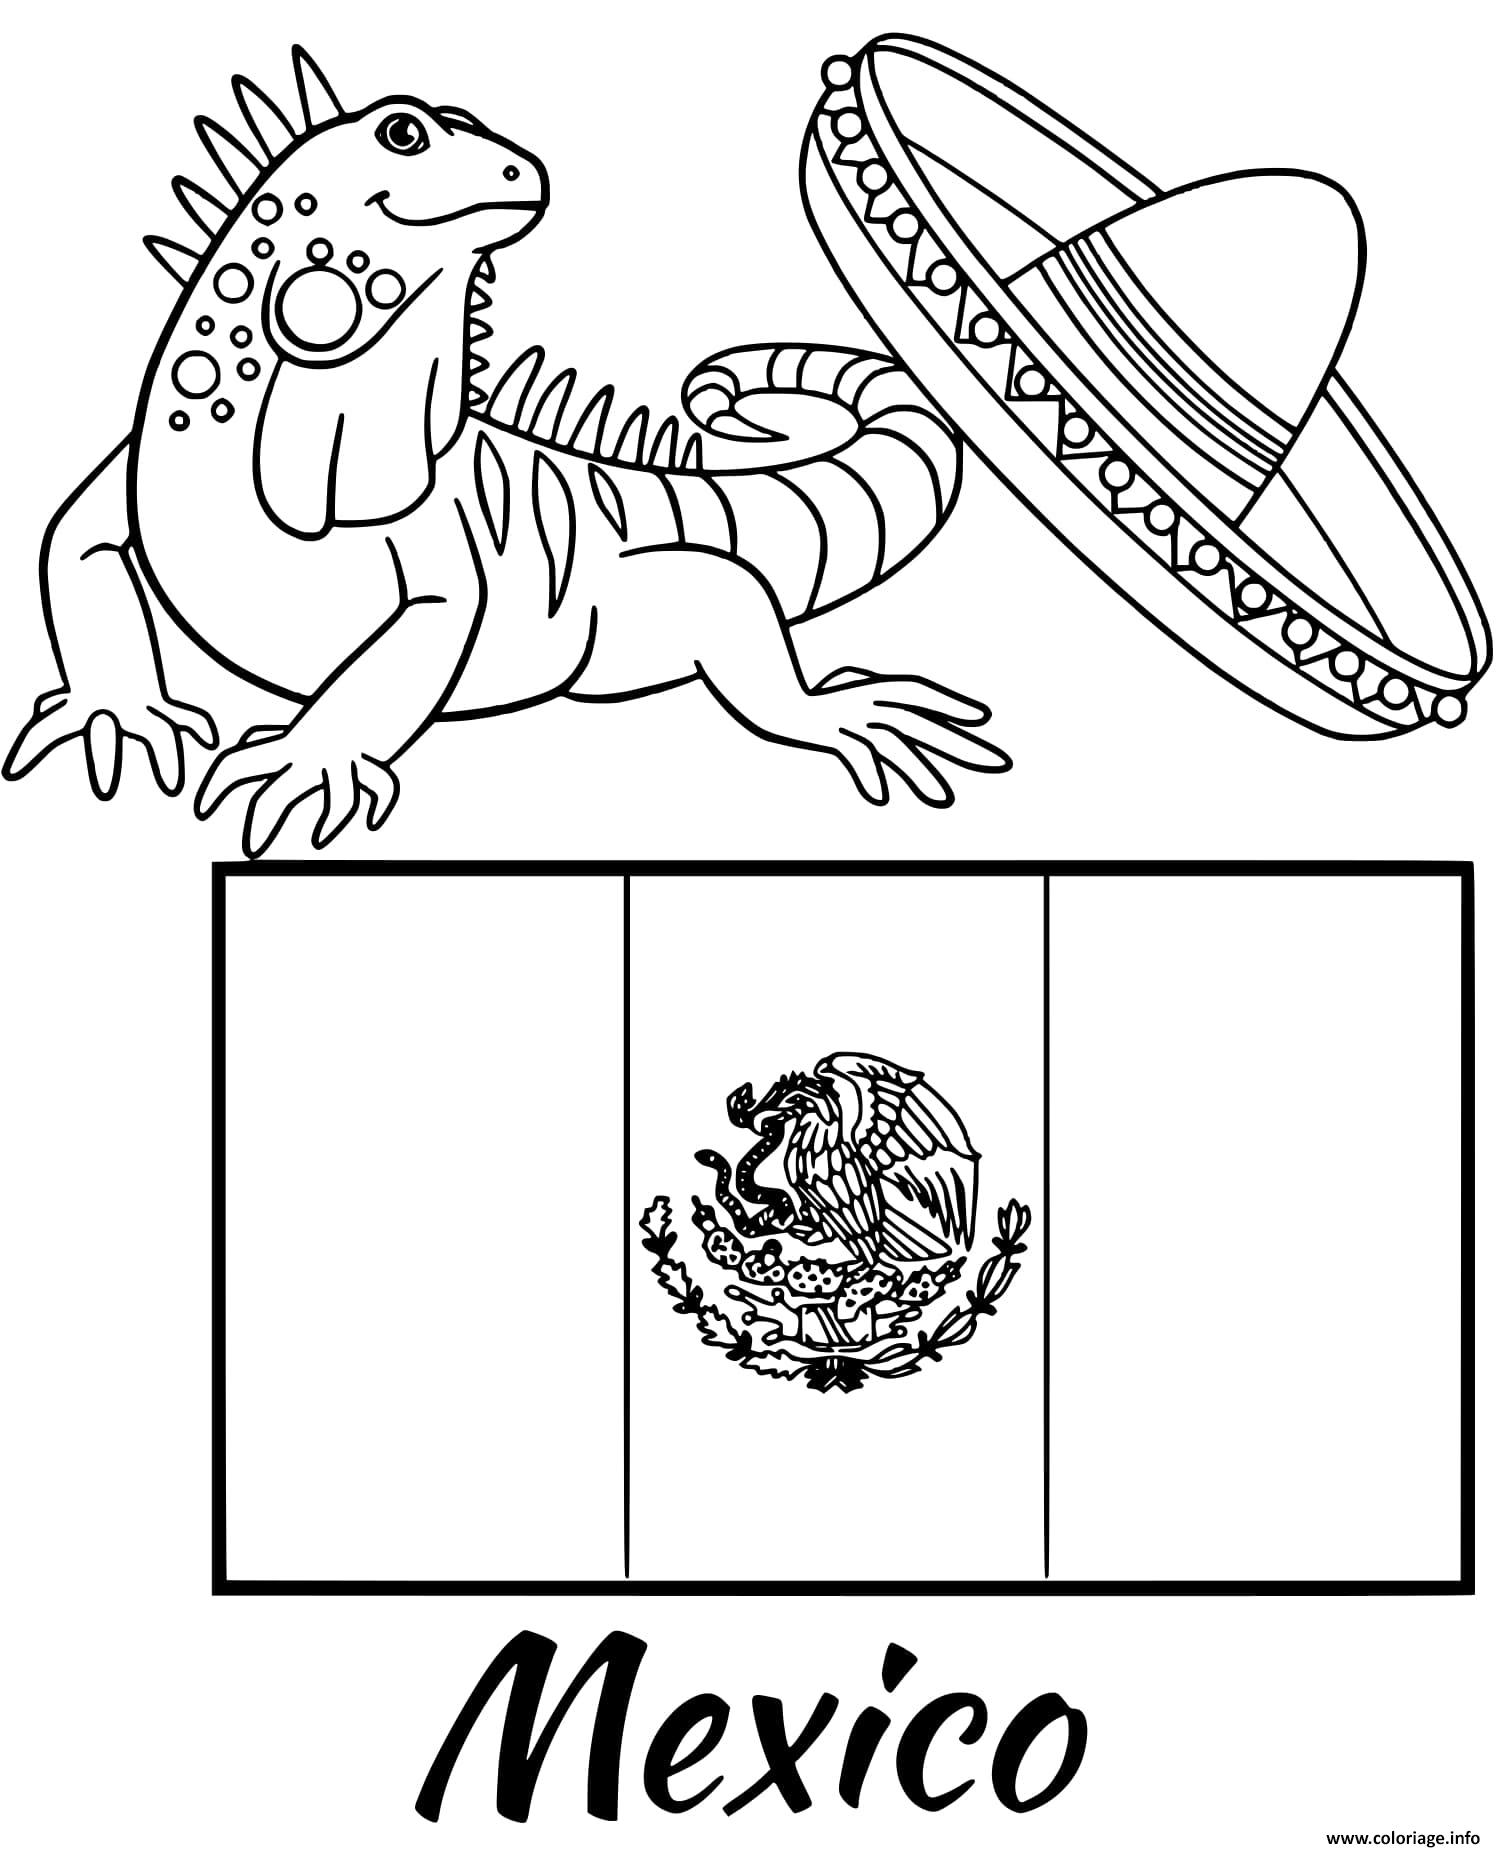 Dessin mexique drapeau iguana Coloriage Gratuit à Imprimer